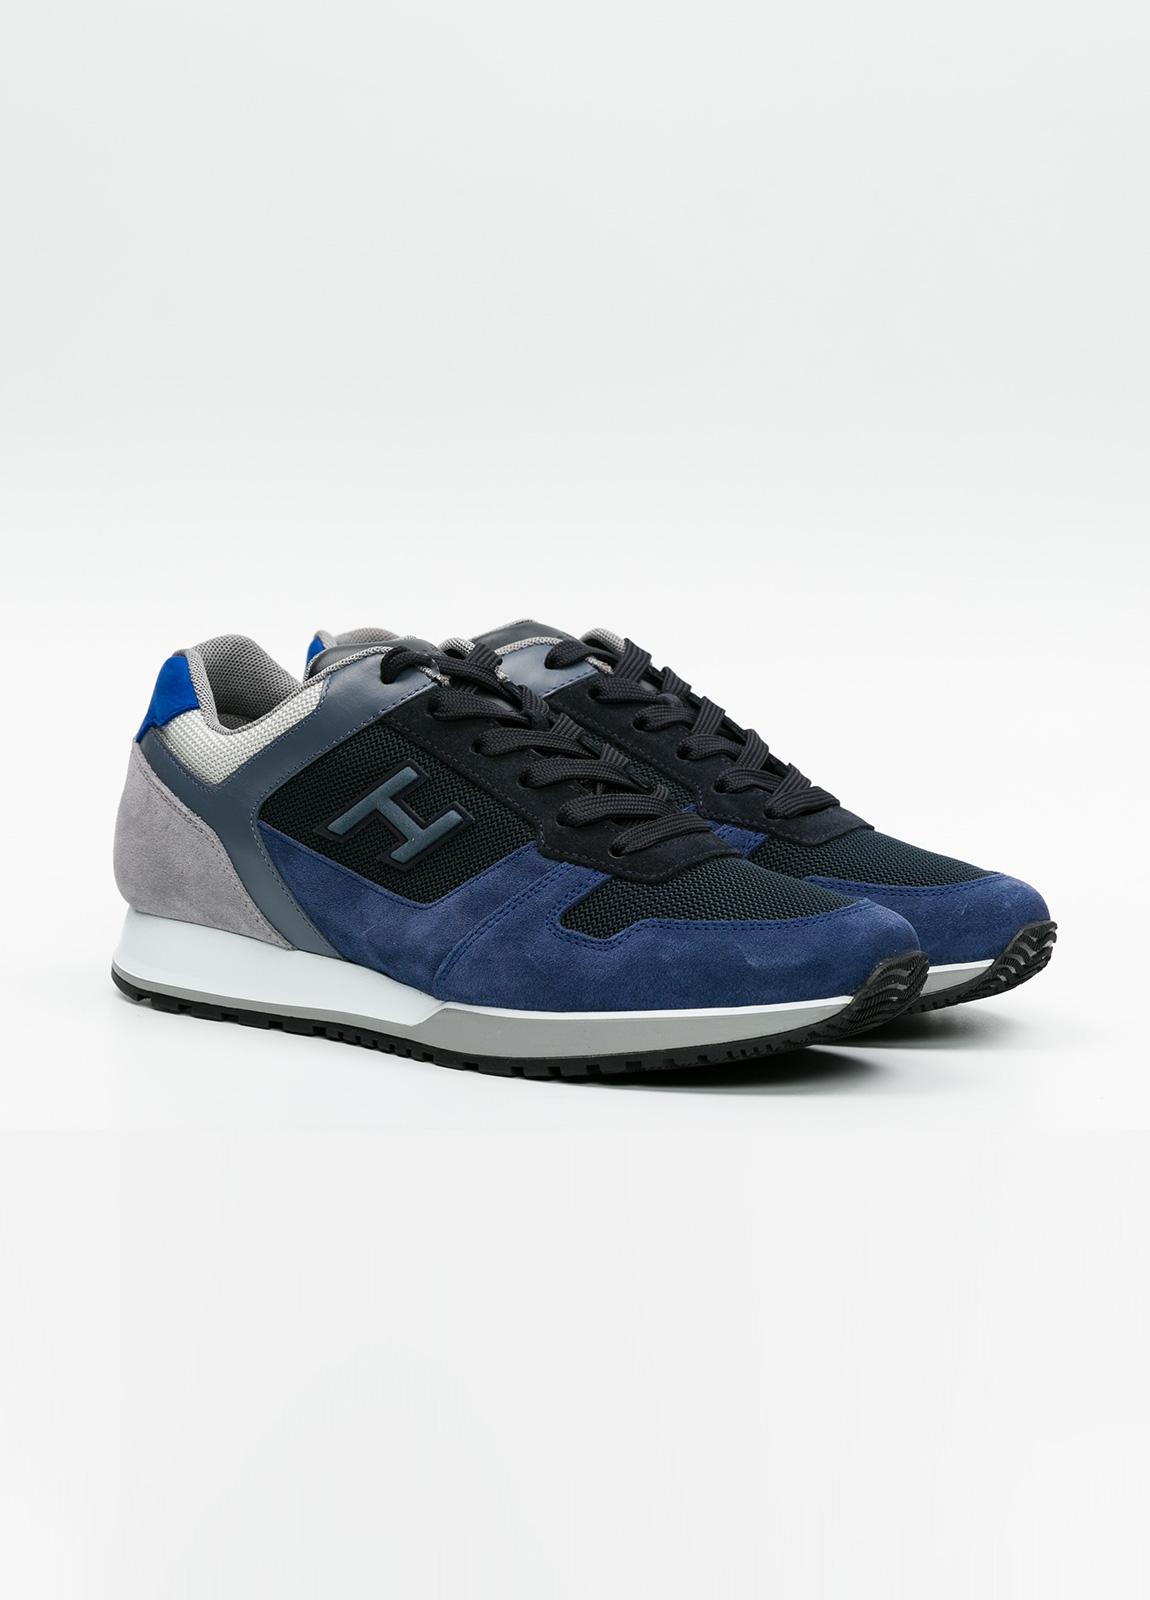 Calzado sport hombre H321 color azul. Combinación de serraje, tejido técnico y apliques en piel. - Ítem2